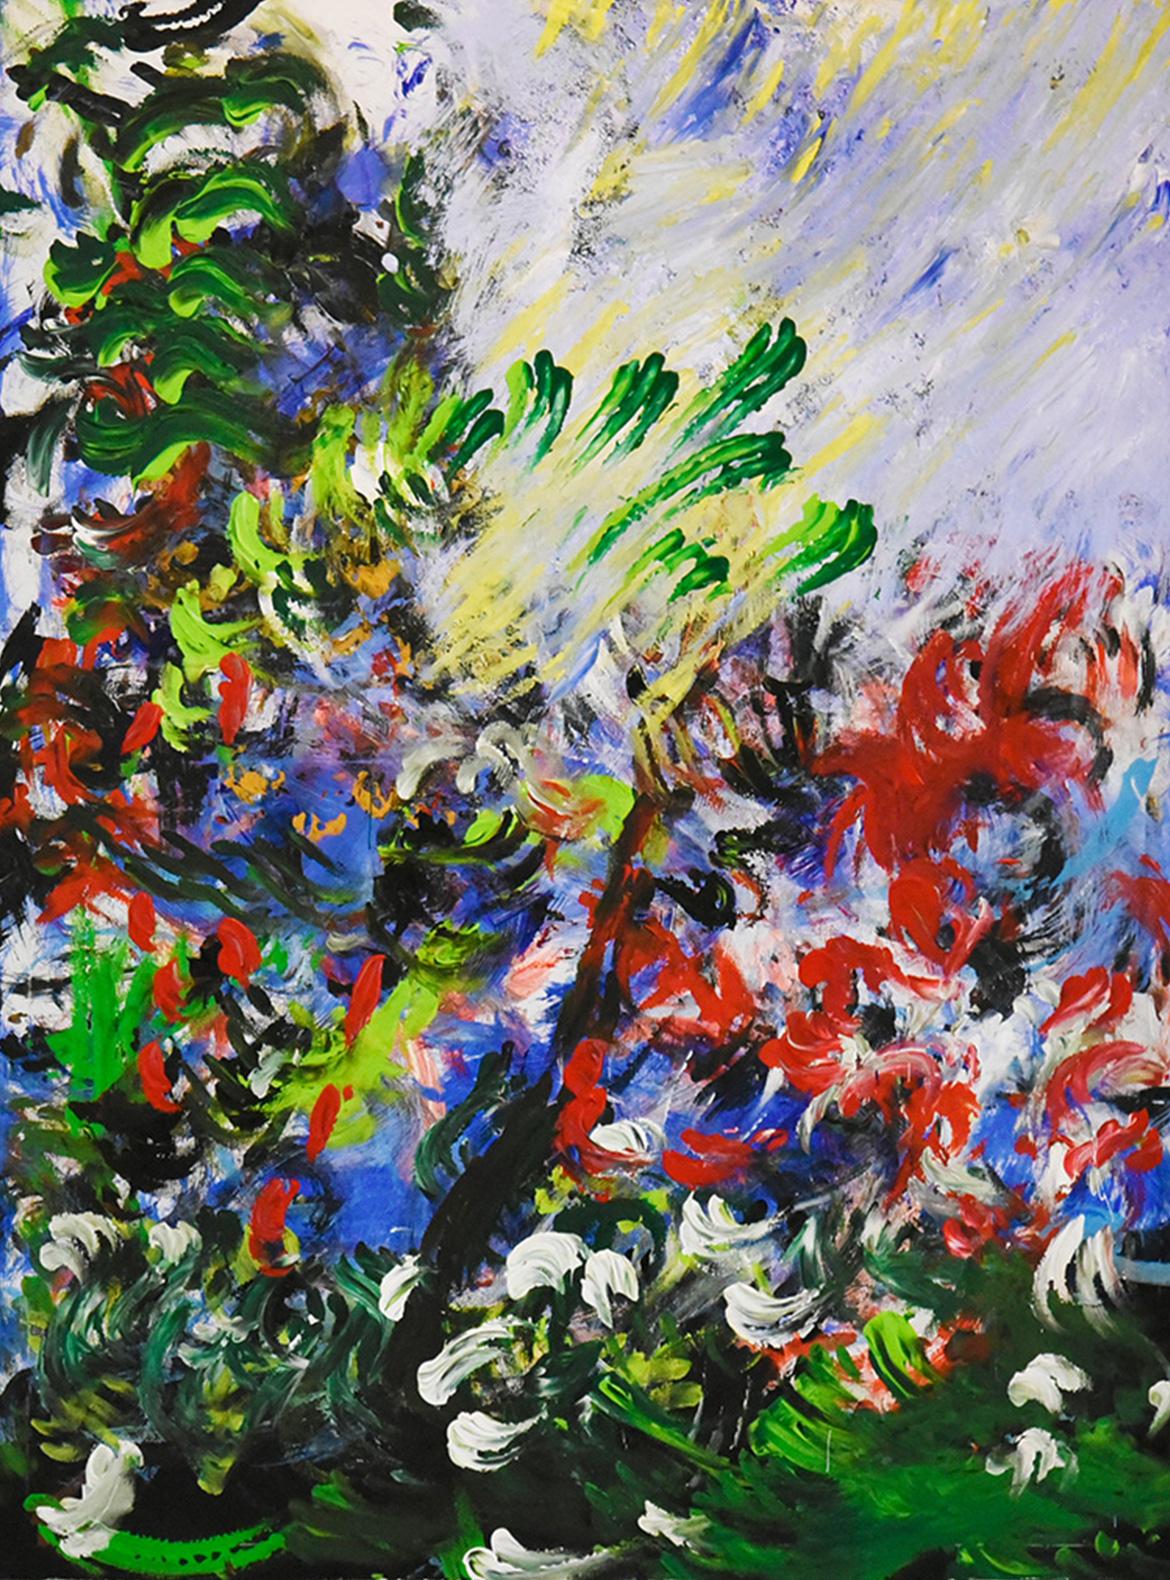 Botainical Surge by Laura Meddens full-frame.